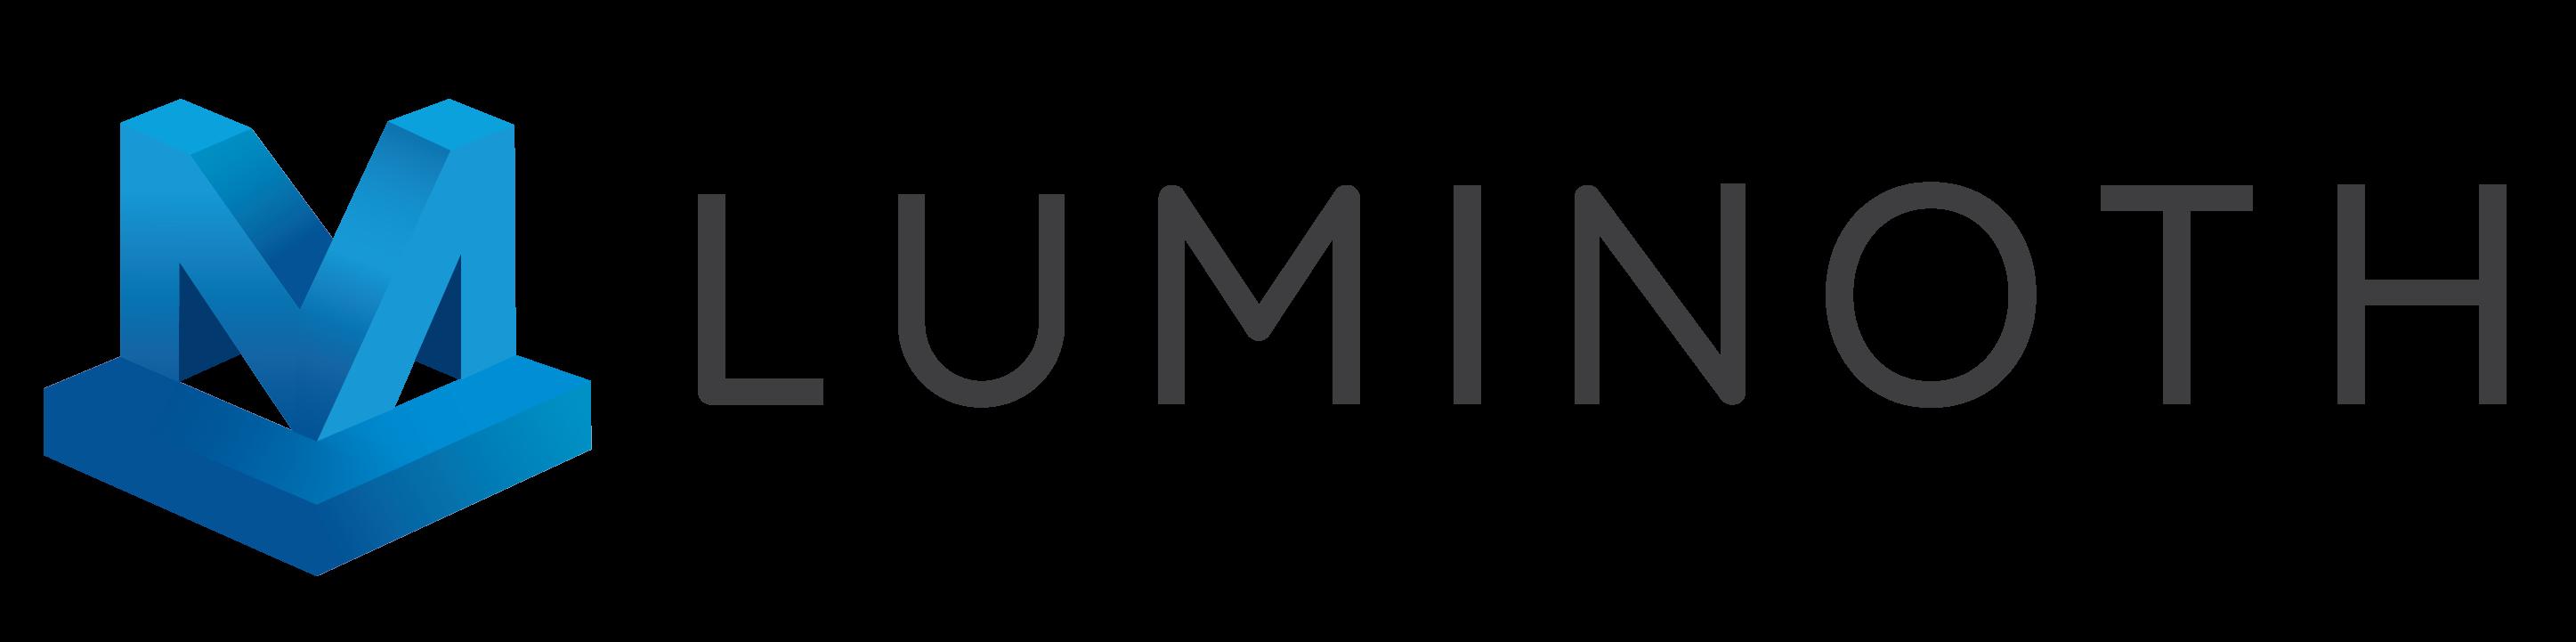 Python LUMINOTH